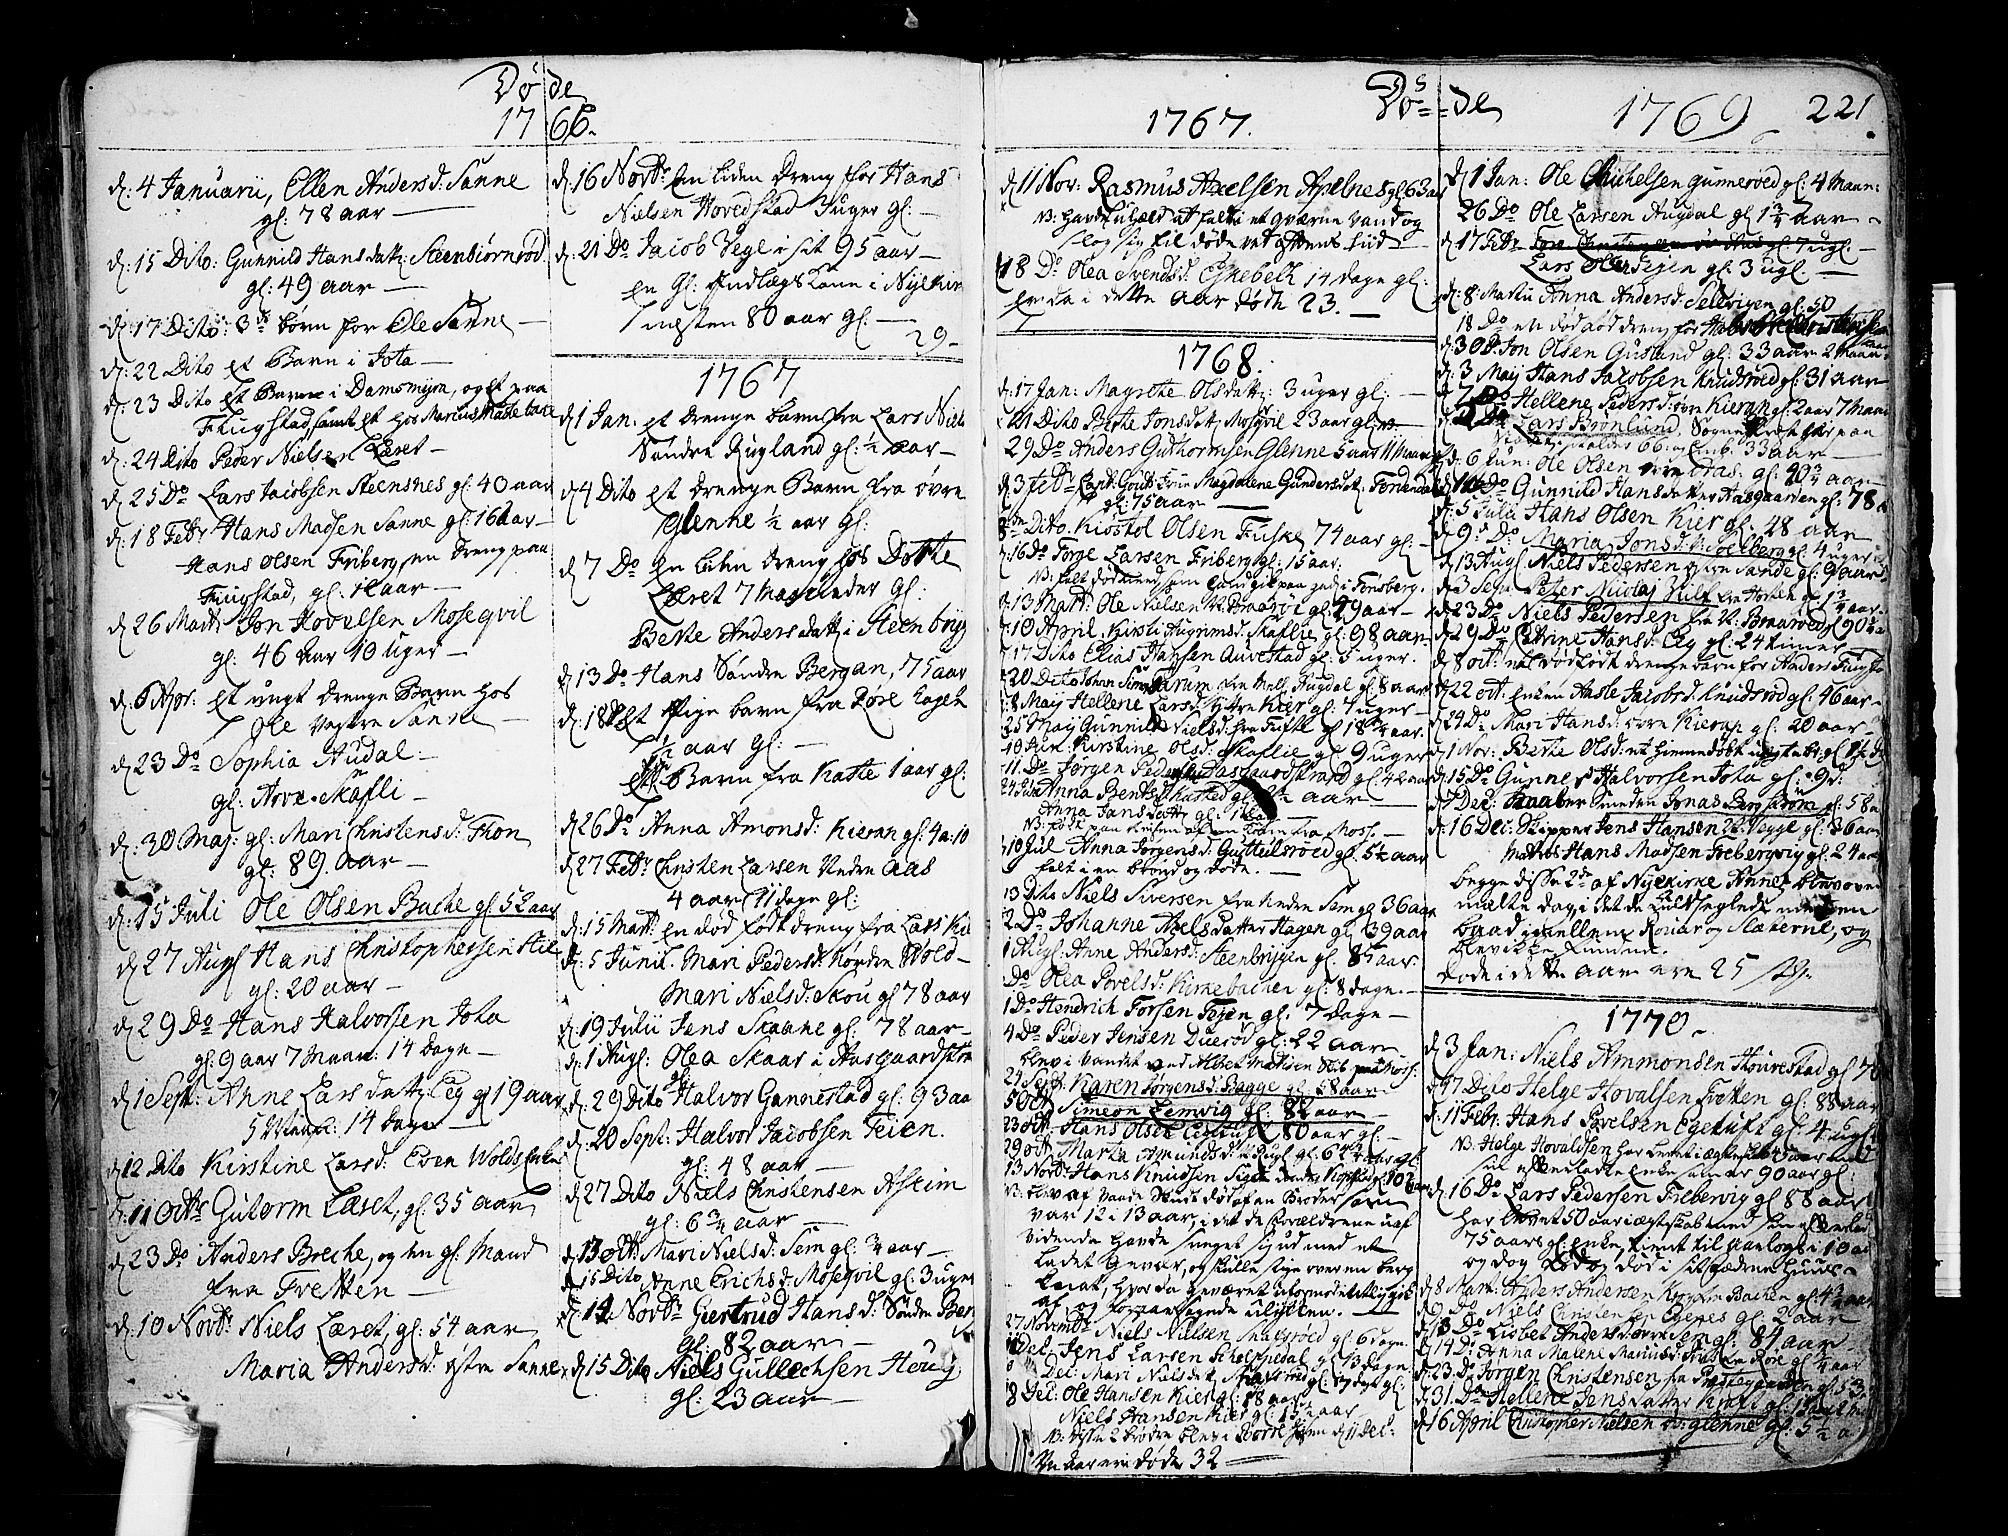 SAKO, Borre kirkebøker, F/Fa/L0002: Ministerialbok nr. I 2, 1752-1806, s. 221